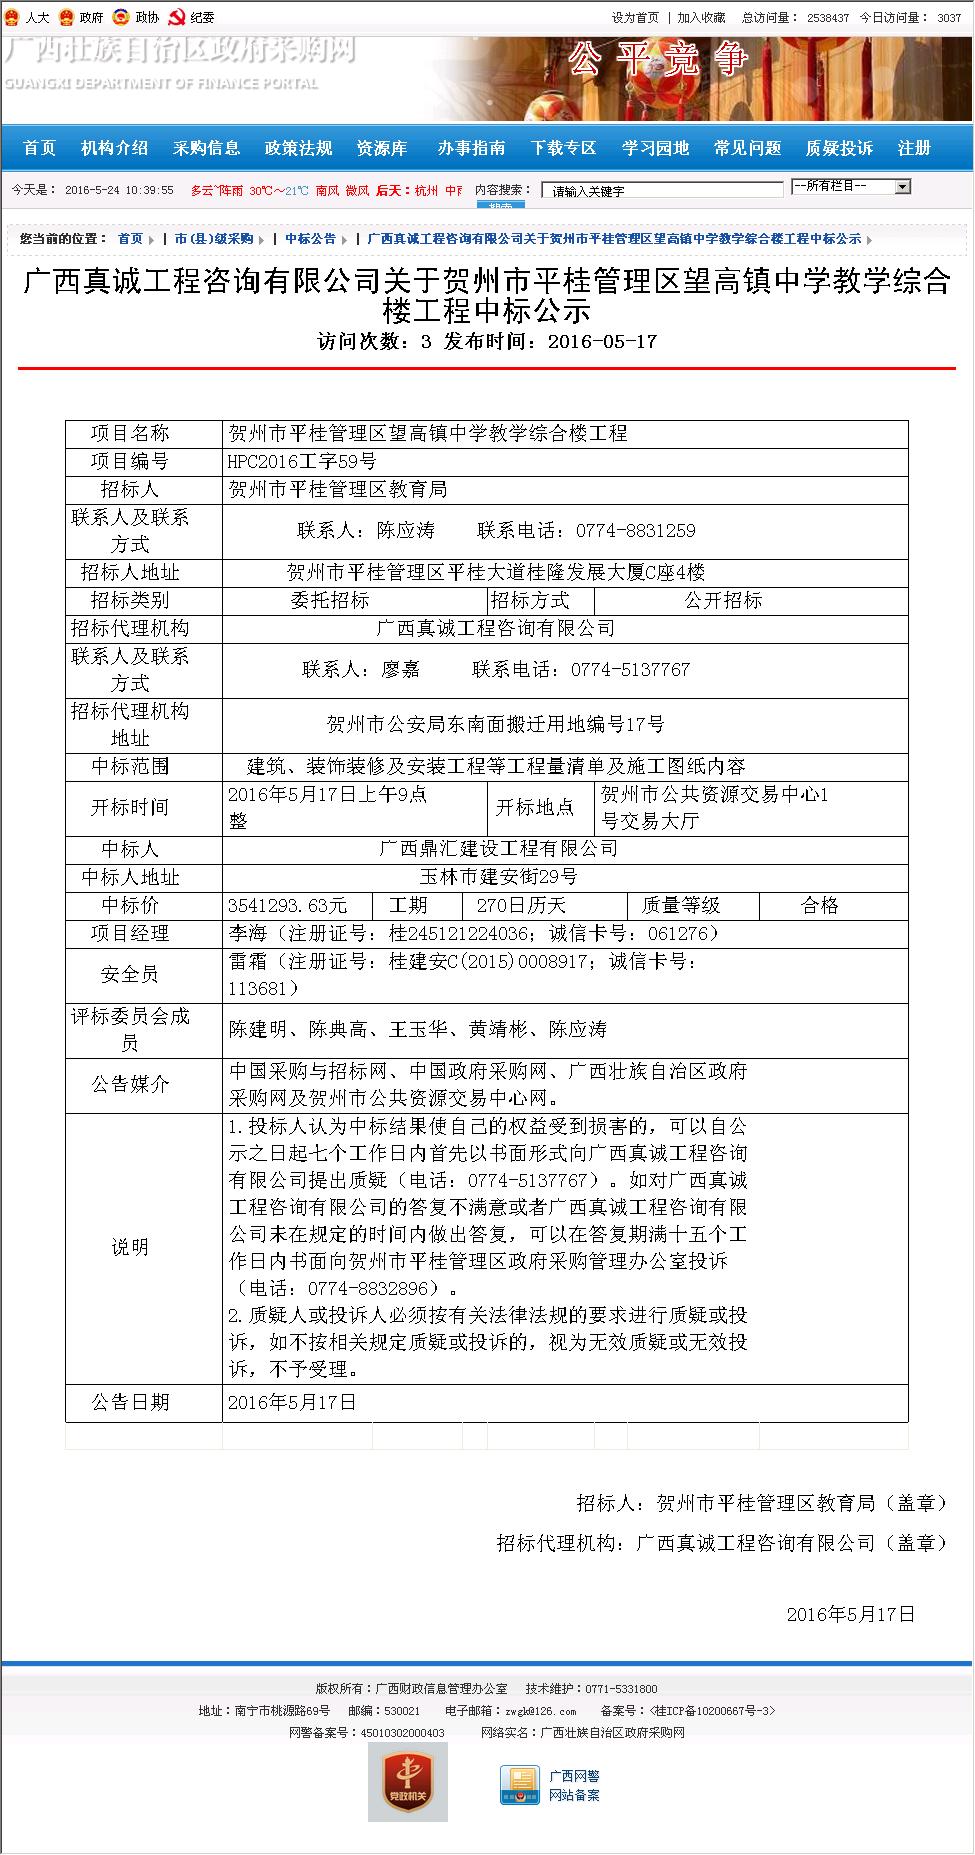 广西鼎汇建设工程有限公司 贺州市平桂管理区望高镇楼